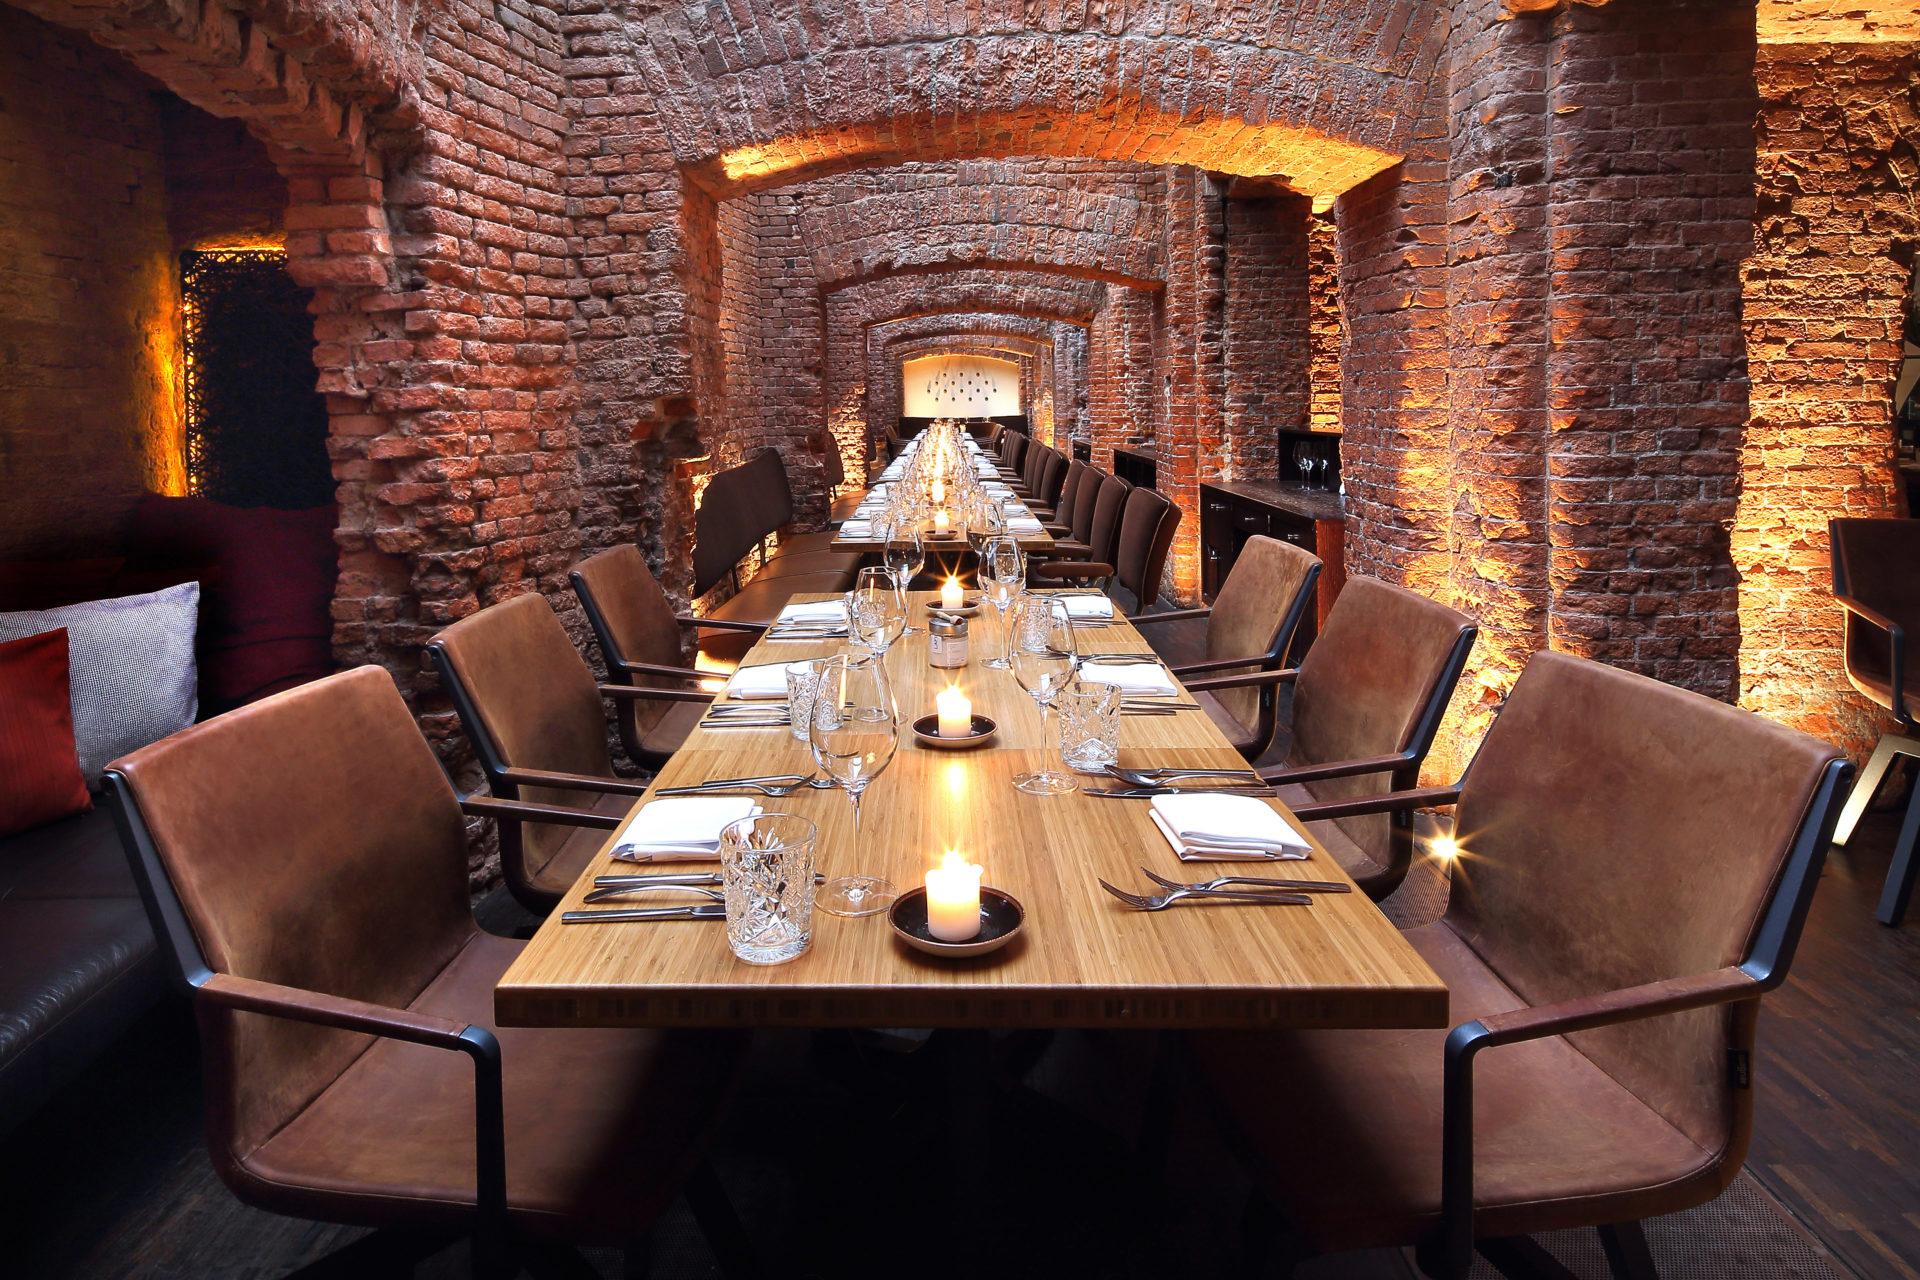 EAST_Restaurant_AnjaBeutler.de_29b